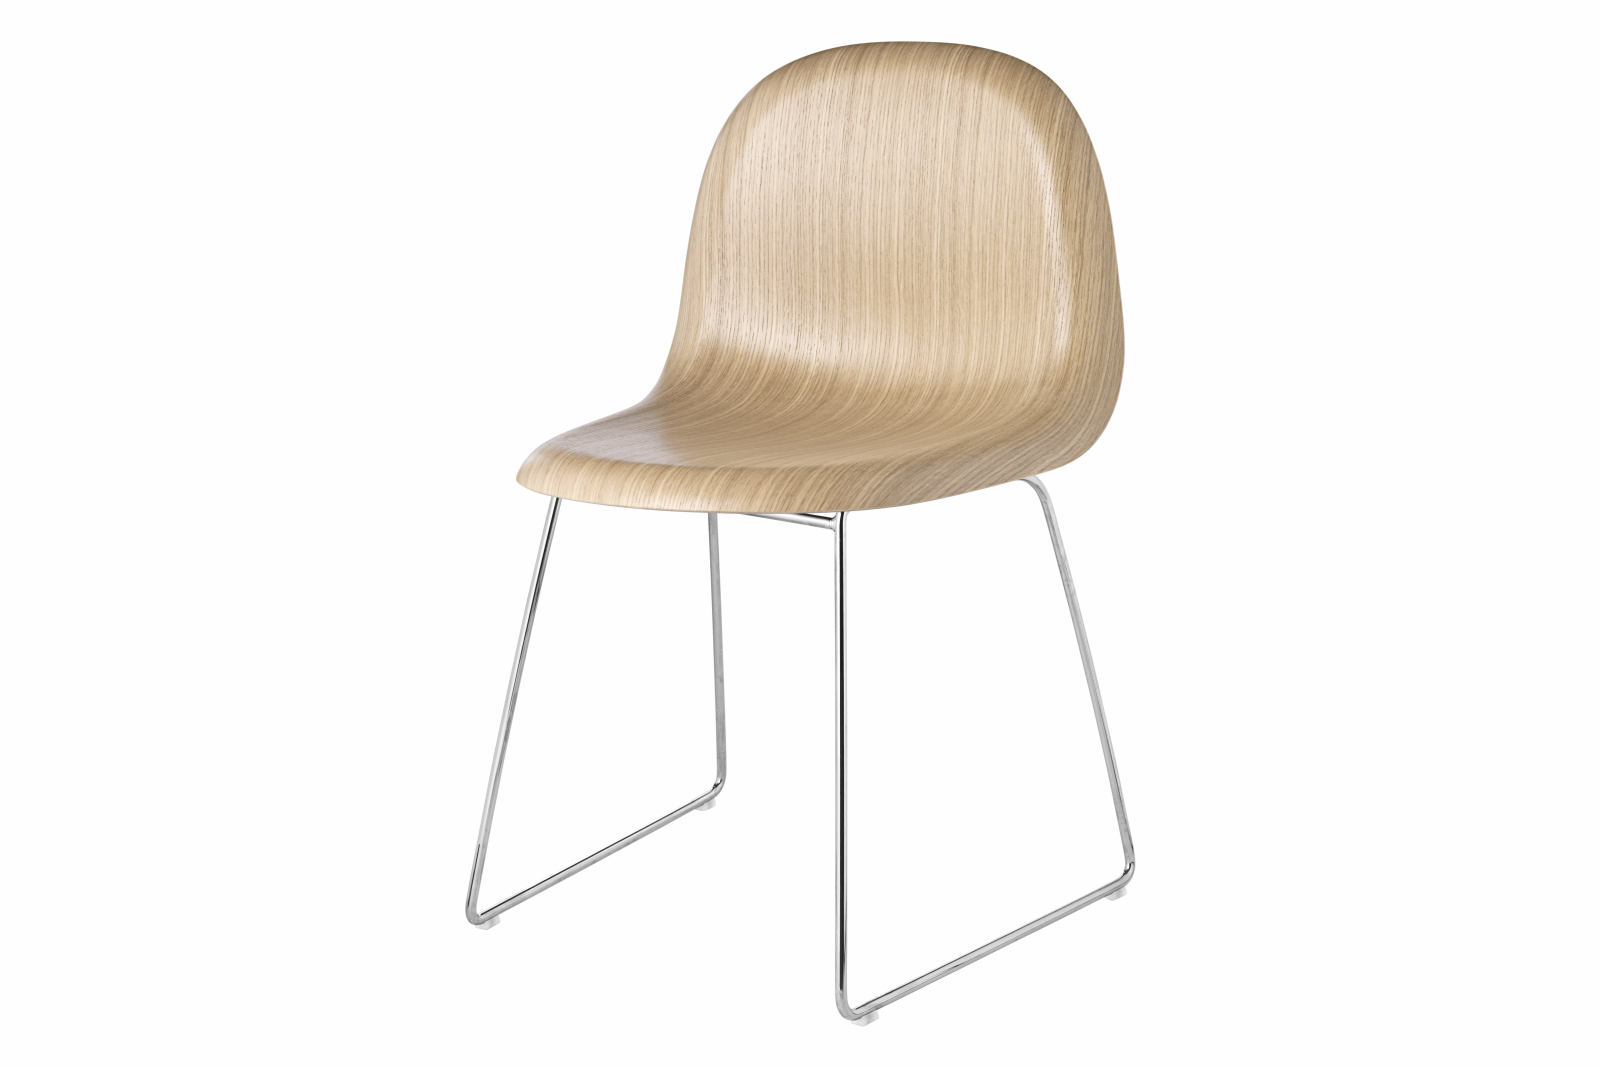 Gubi 3D Dining Chair Sledge Base - Unupholstered Gubi Wood Oak, Gubi Metal Chrome